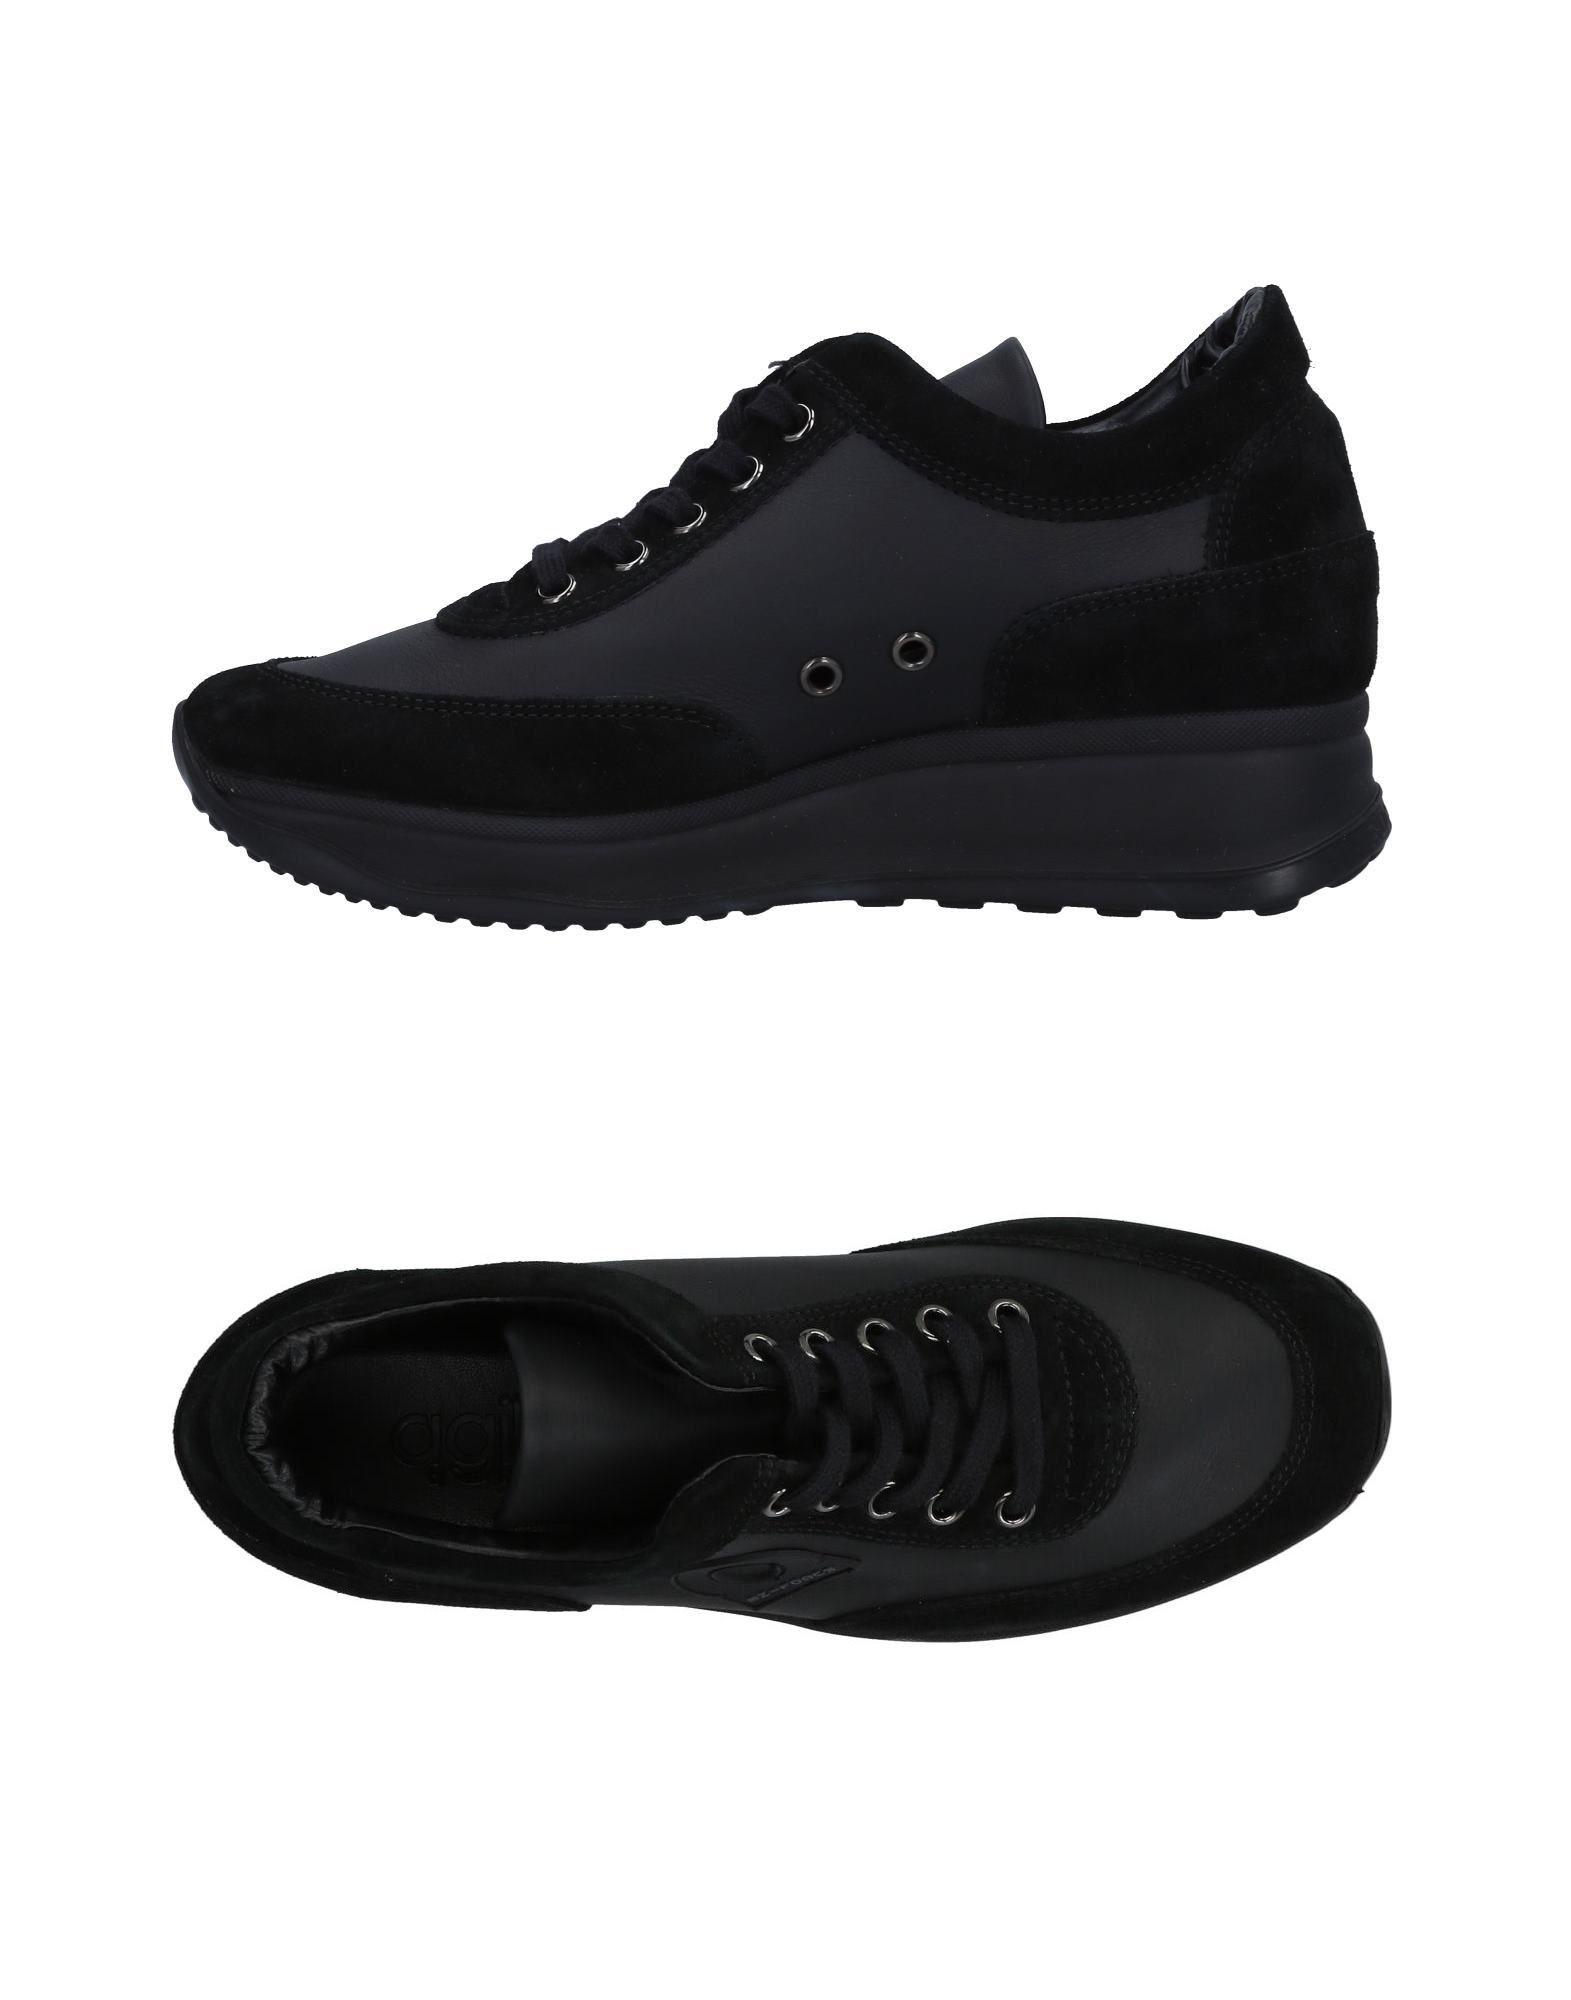 Agile By Rucoline Sneakers Damen Damen Damen  11496712HJ Gute Qualität beliebte Schuhe f811b9